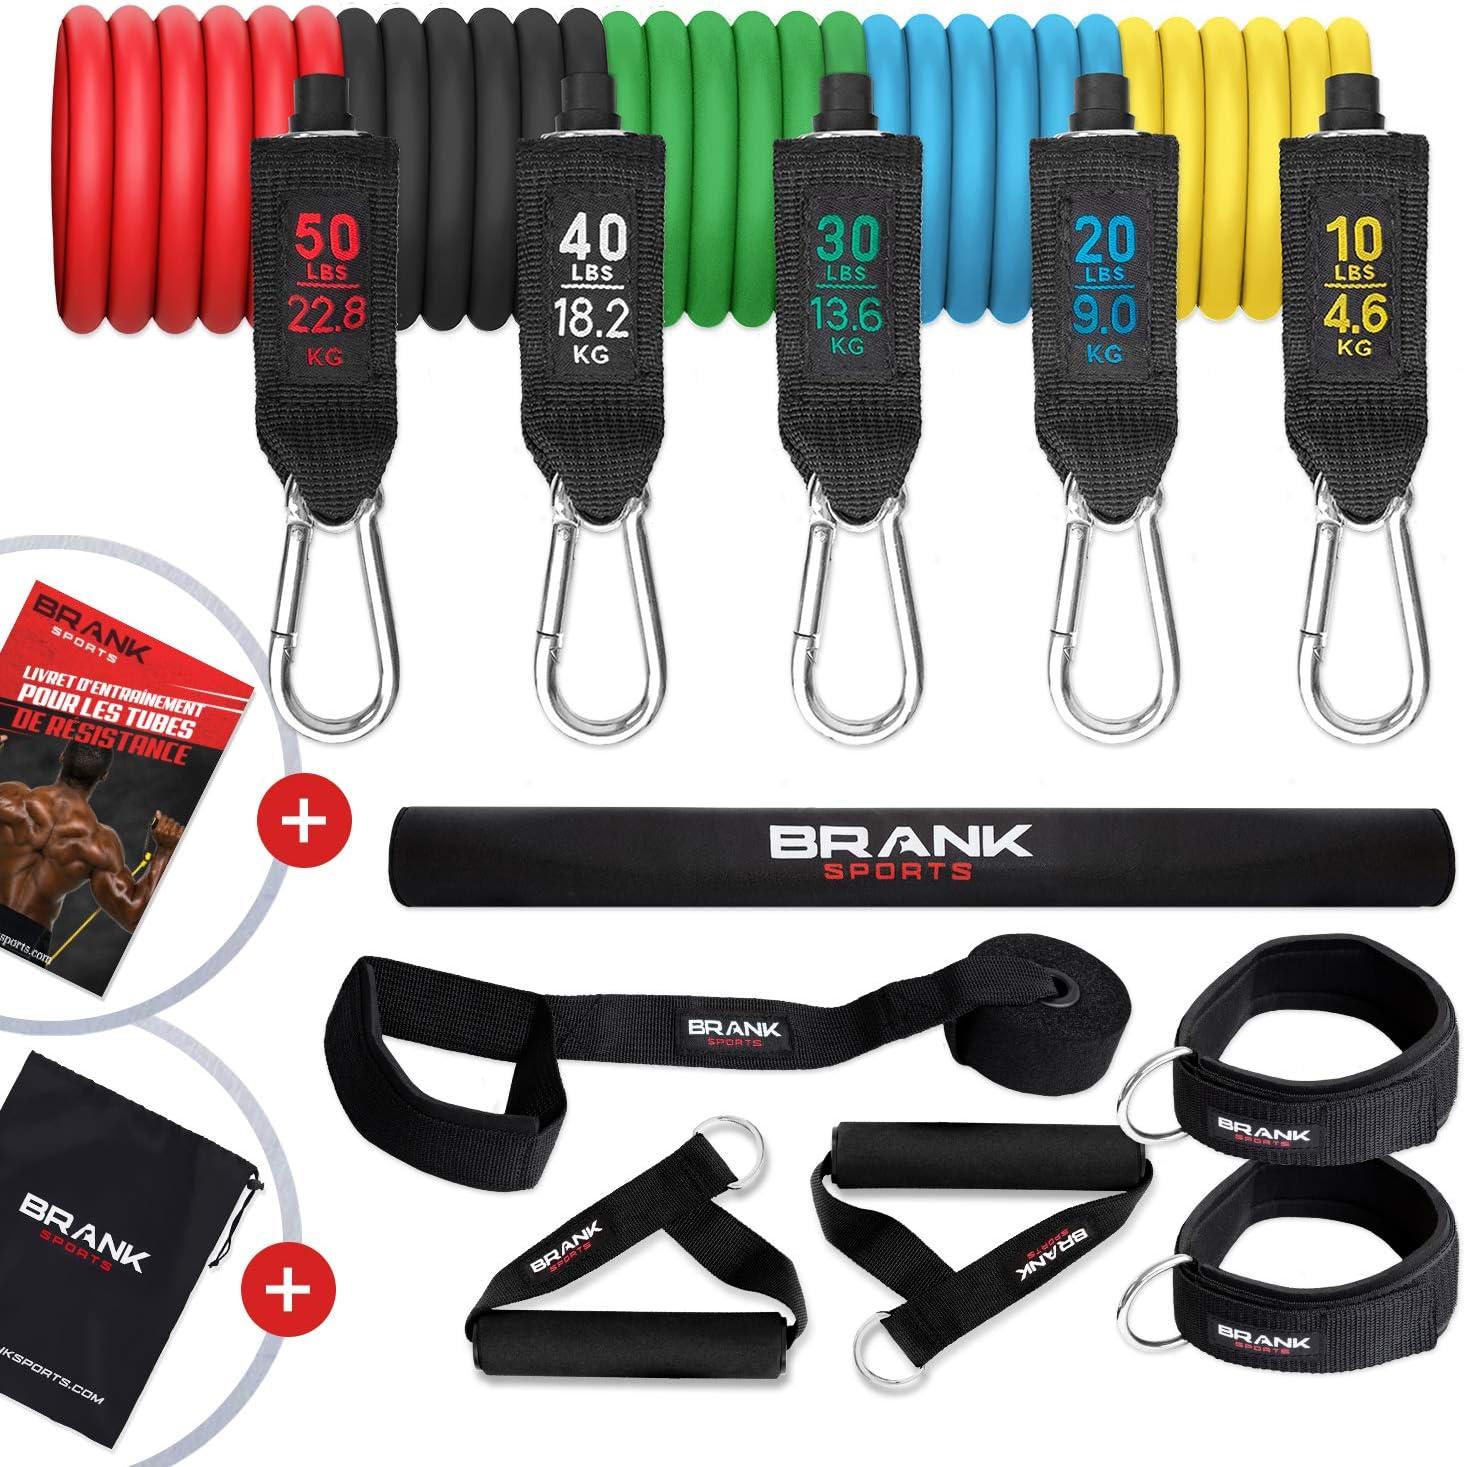 Bandas elasticas musculación con asas | Gomas elasticas fitness de 5 a 70kg | Pack de cintas elasticas para ejercicio en casa | Mujer y Hombre | ...